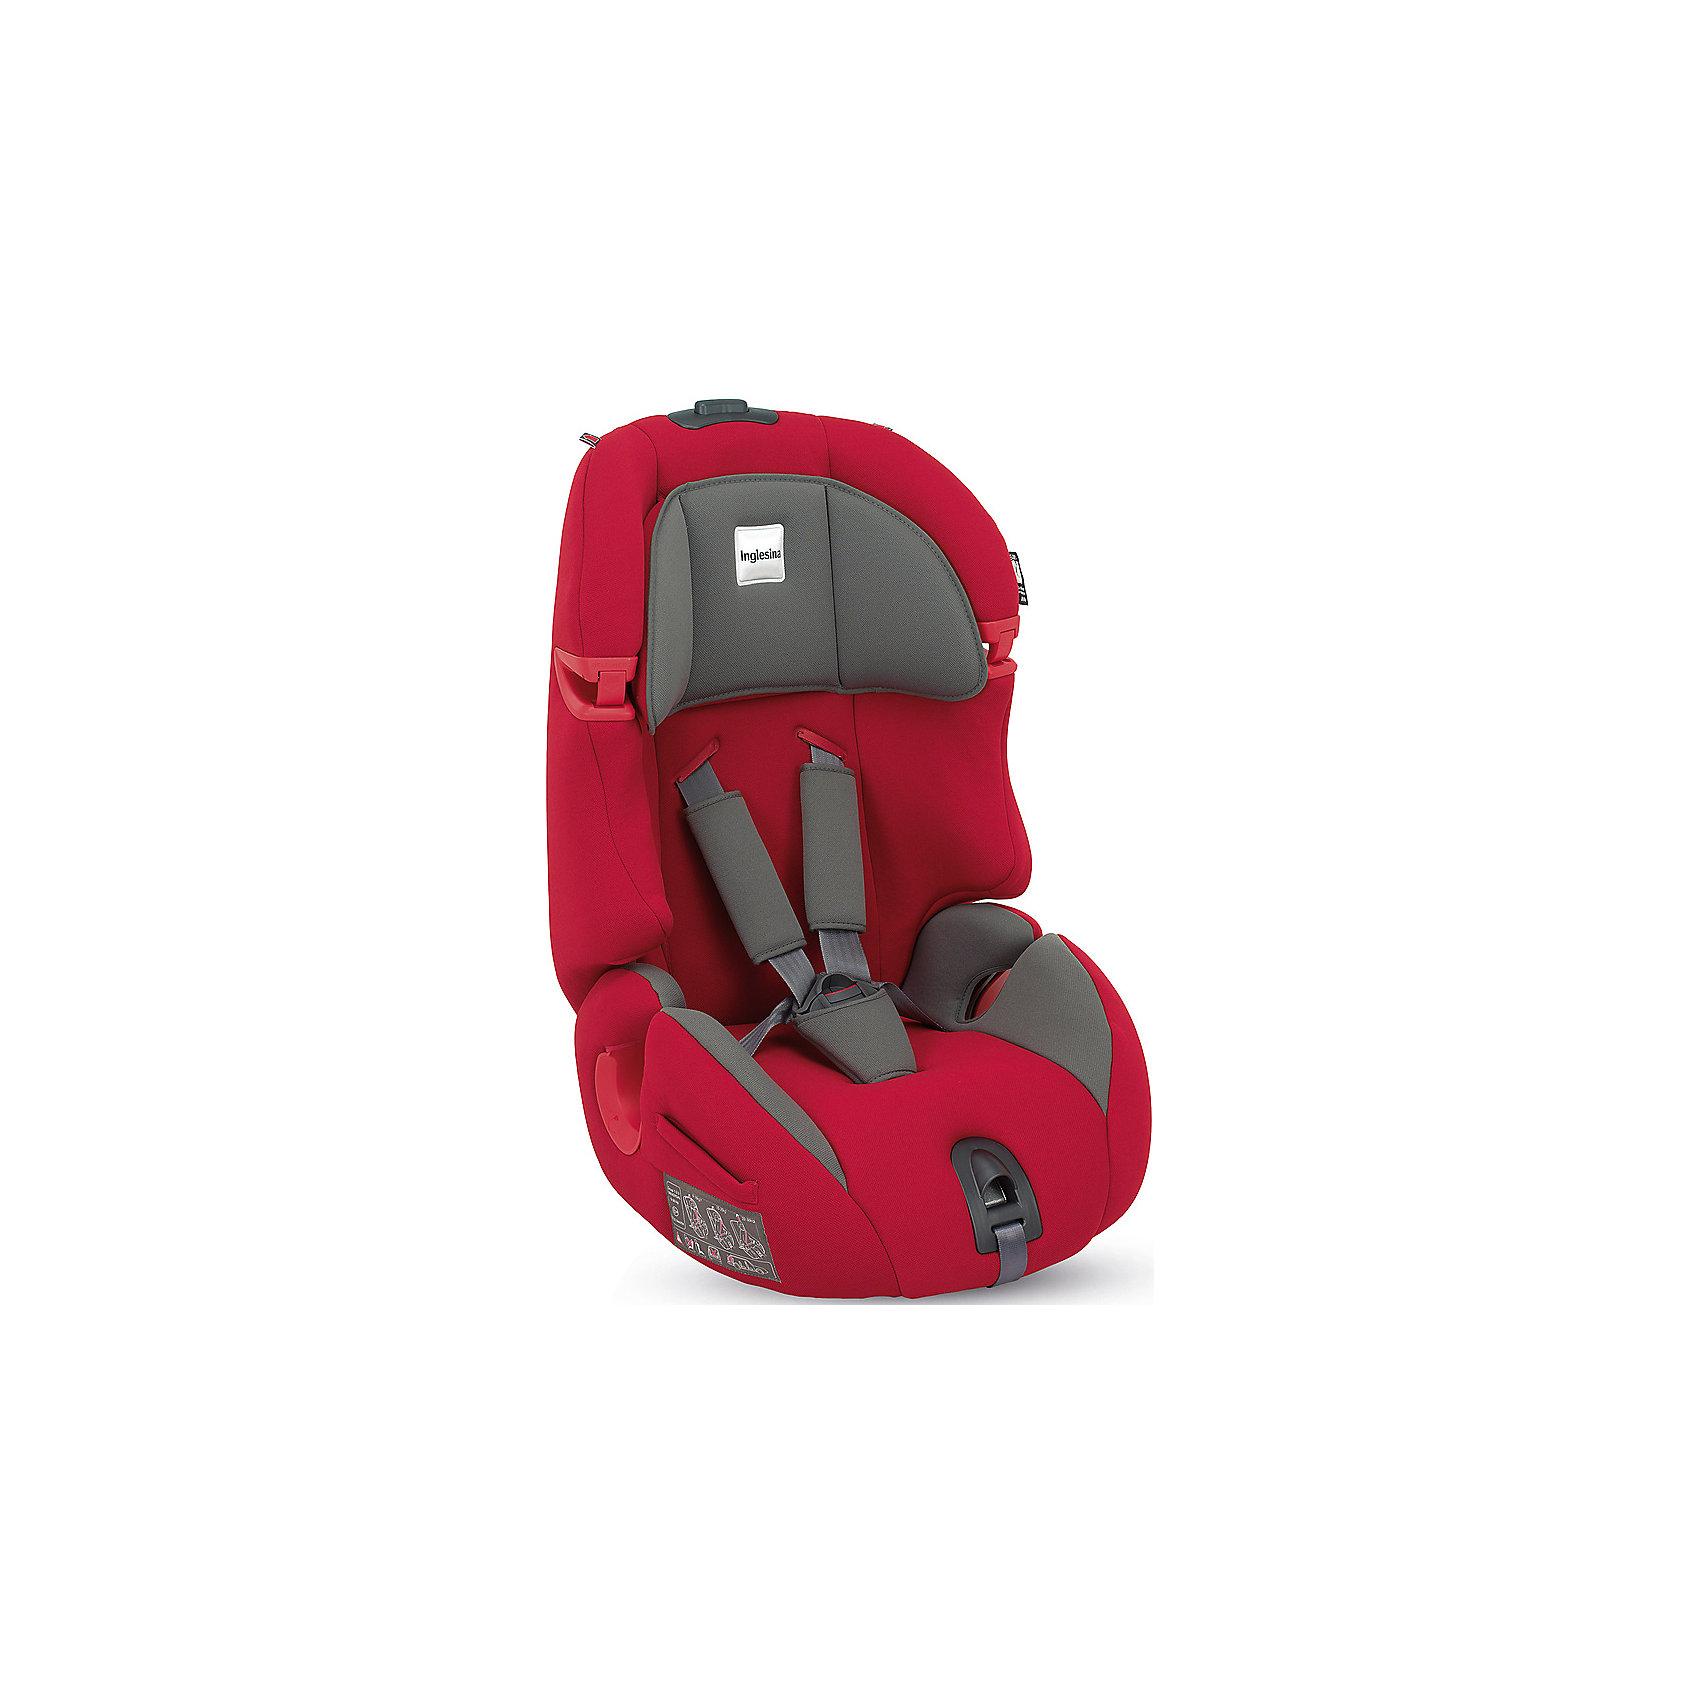 Автокресло Inglesina Prime Miglia 9-36 кг, Red